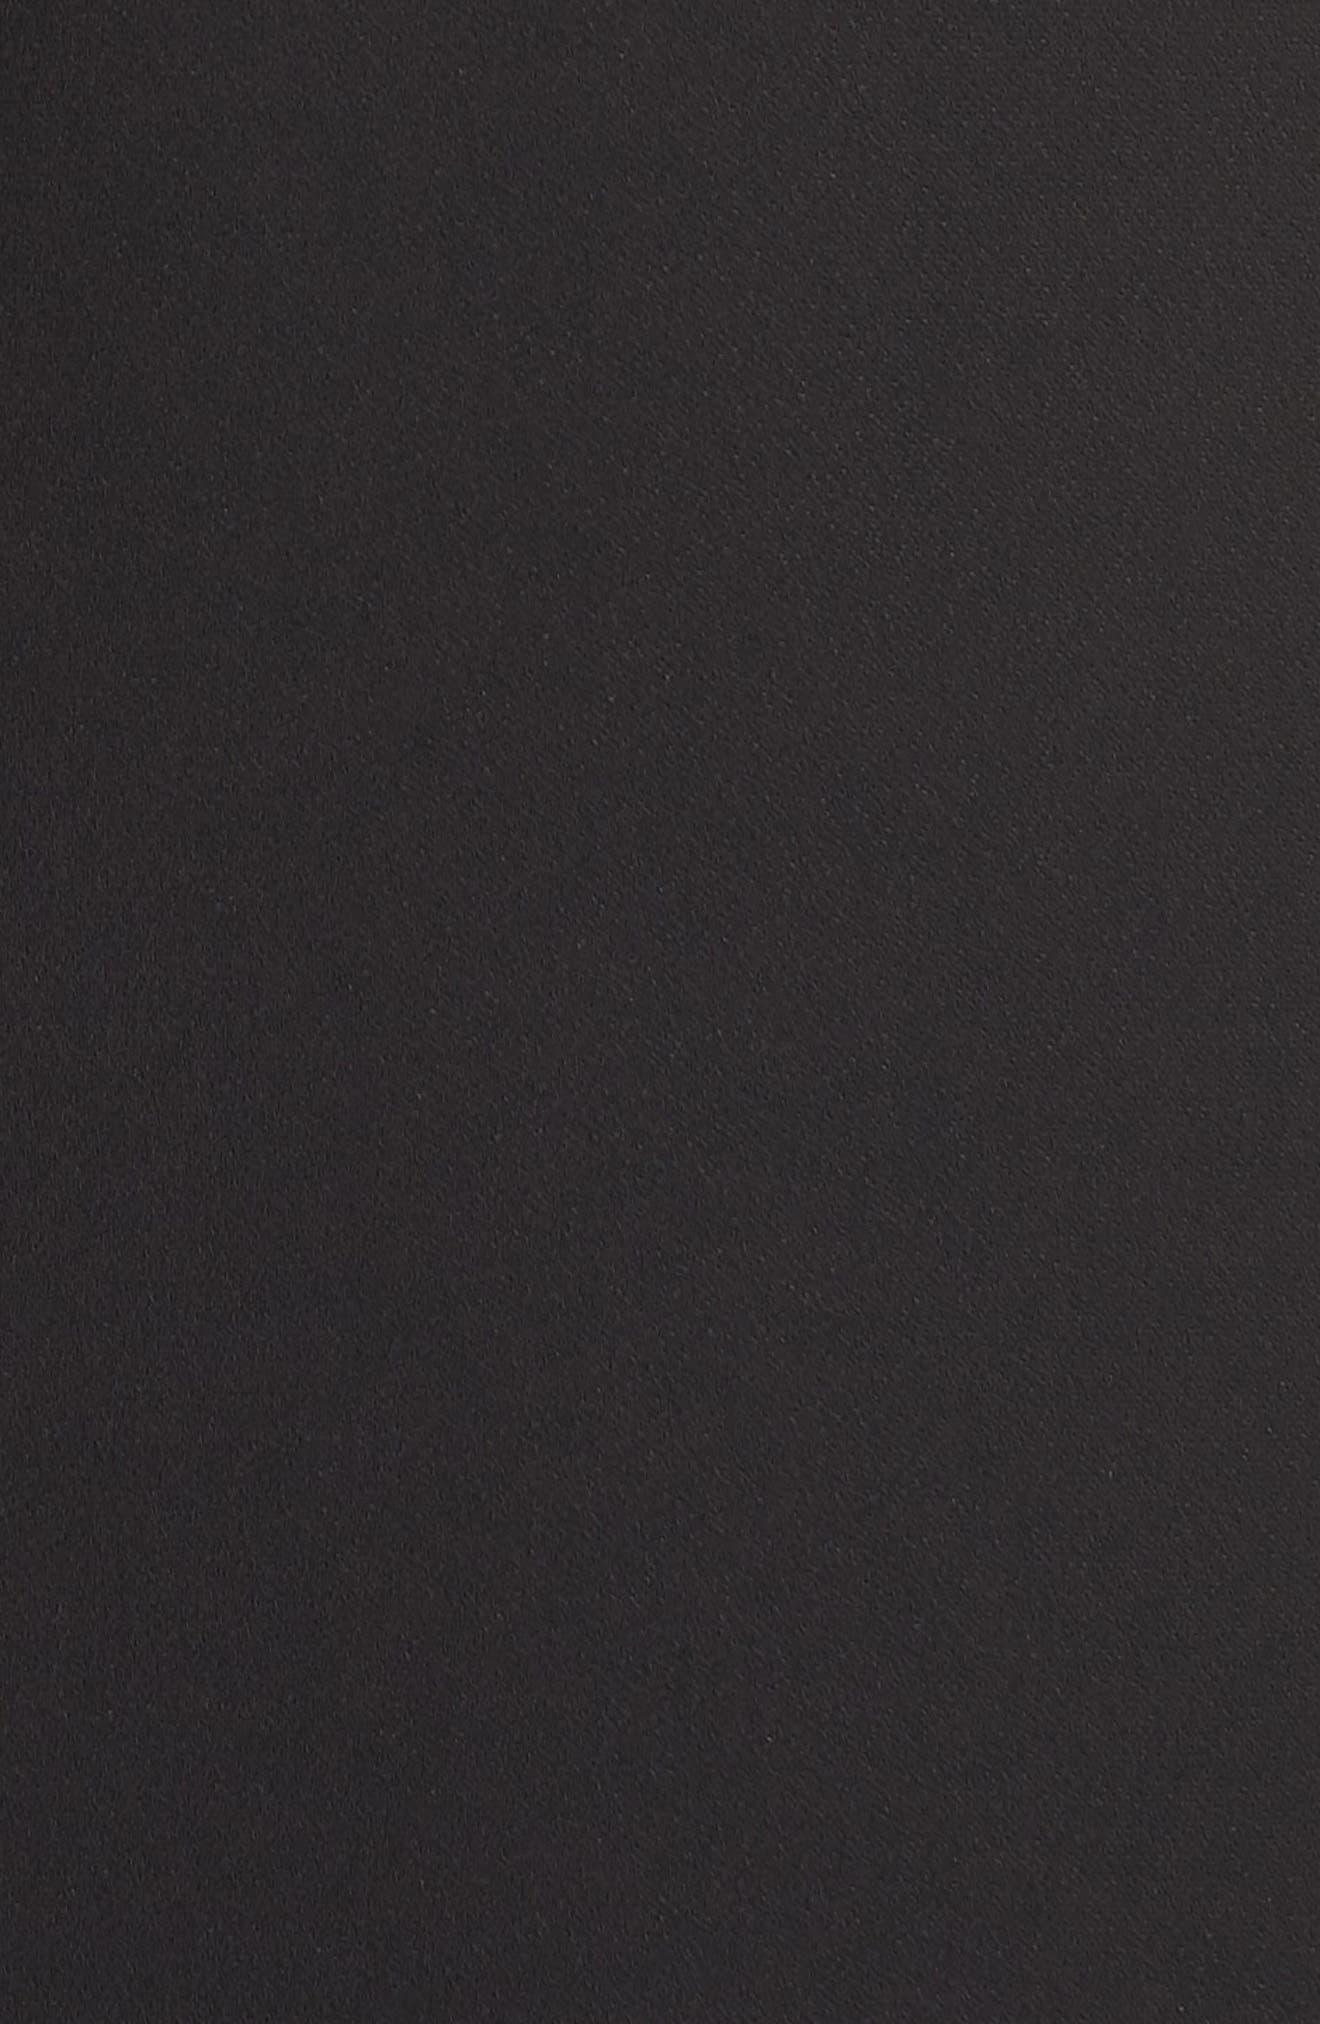 ML Monique Lhullier Sleeveless Crepe Gown,                             Alternate thumbnail 5, color,                             Black/ White